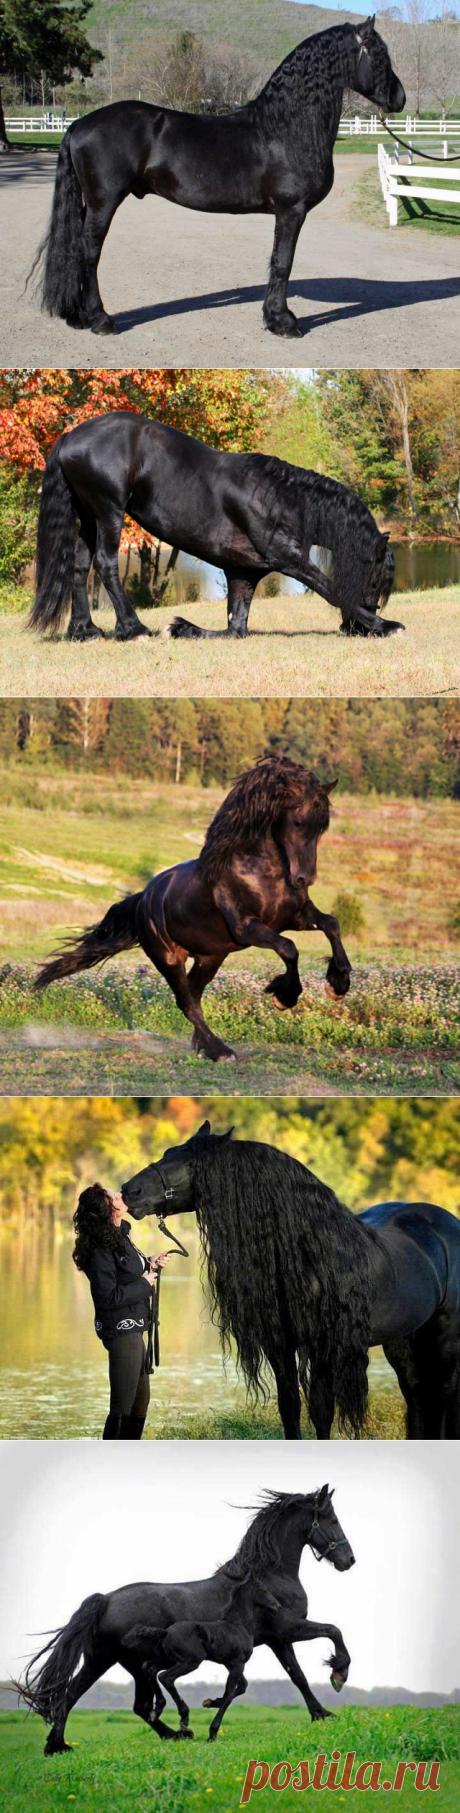 Фризская лошадь, Фриз - порода лошадей, выведенная в Фрисландии, провинции на севере Нидерландов. Эта порода отличается от остальных своими фризами (это длинные ворсинки от пута до венечка).